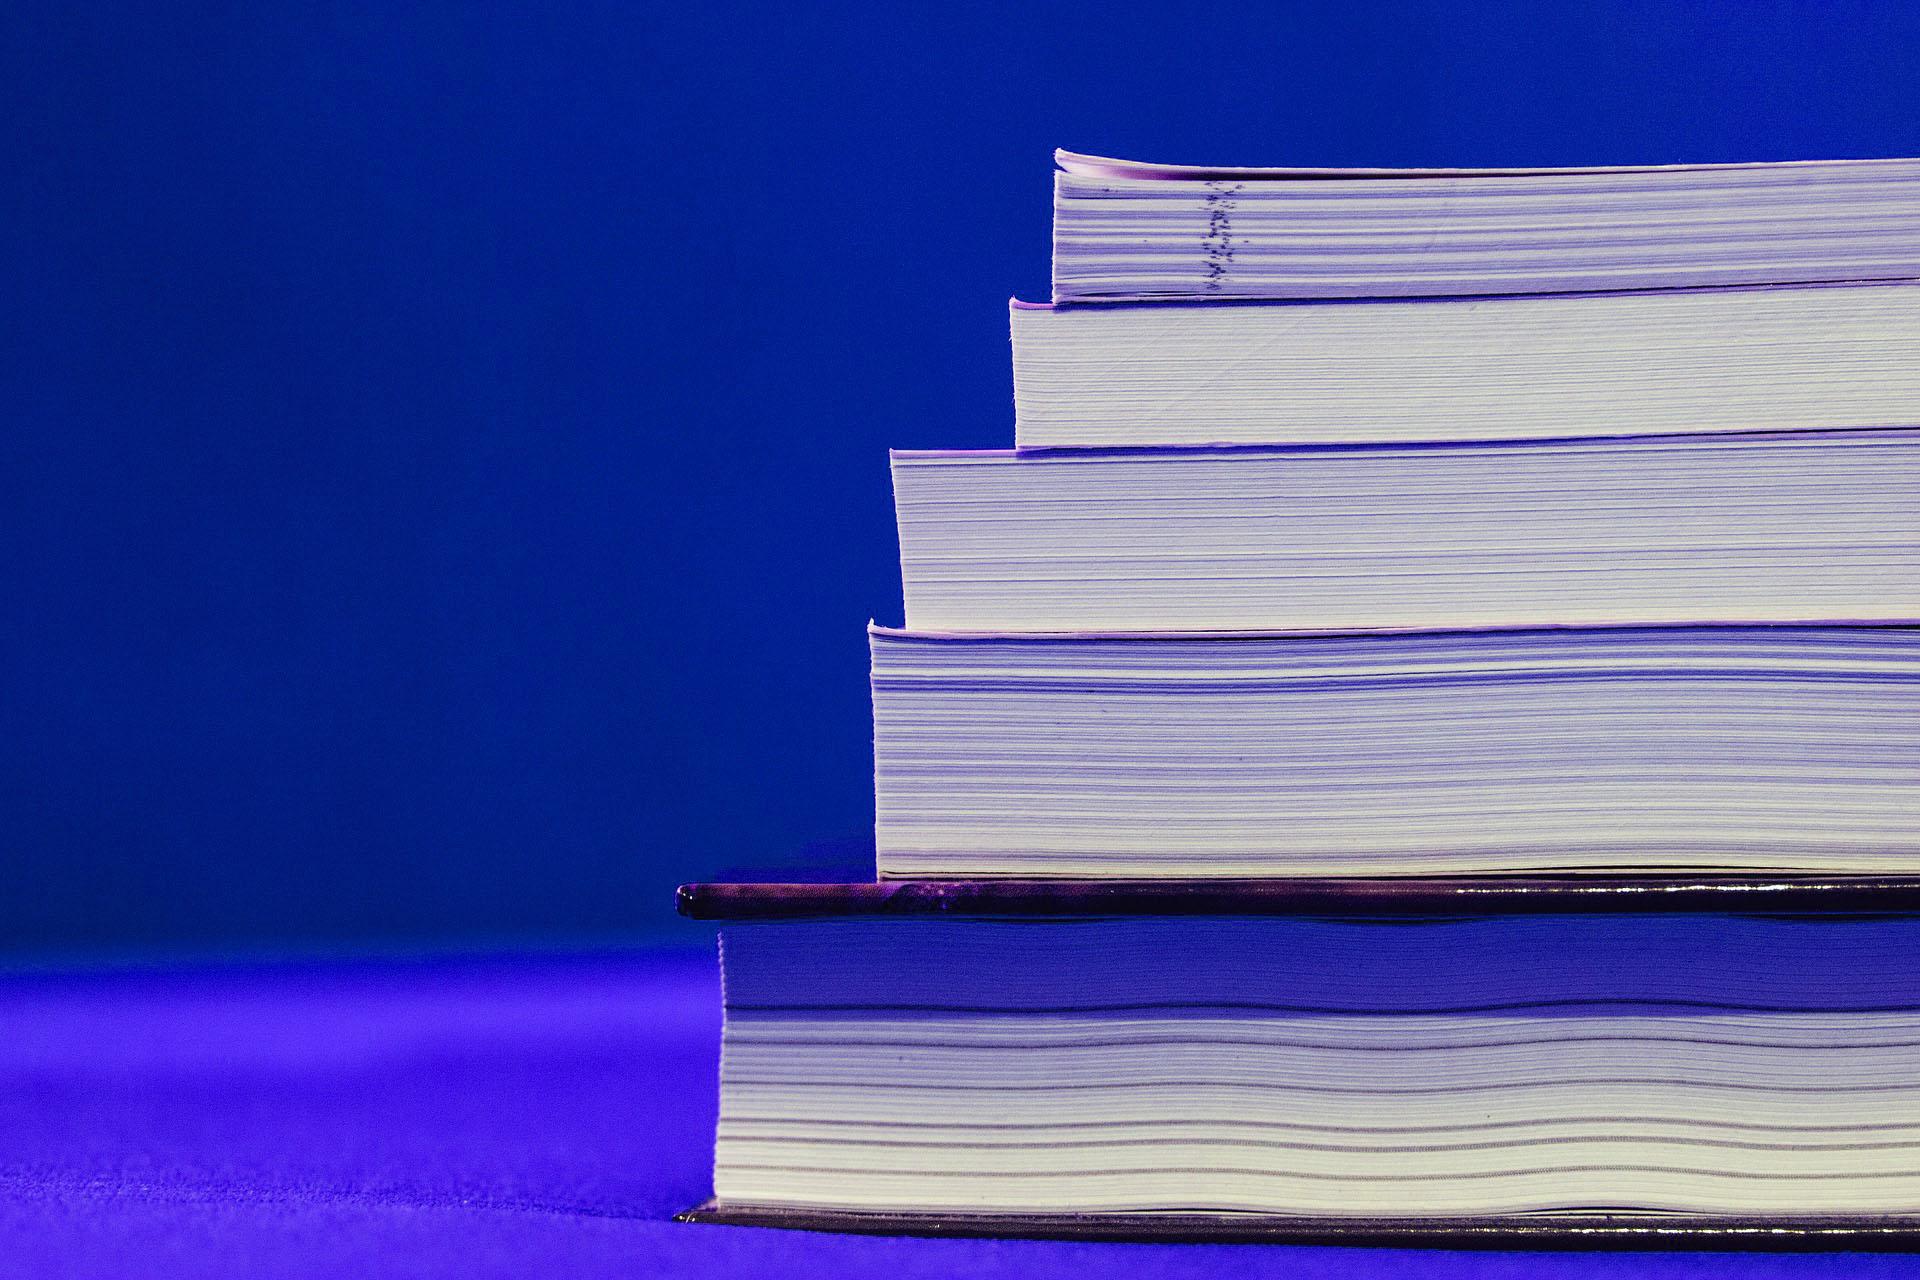 books-933333_1920 copie 3.jpg